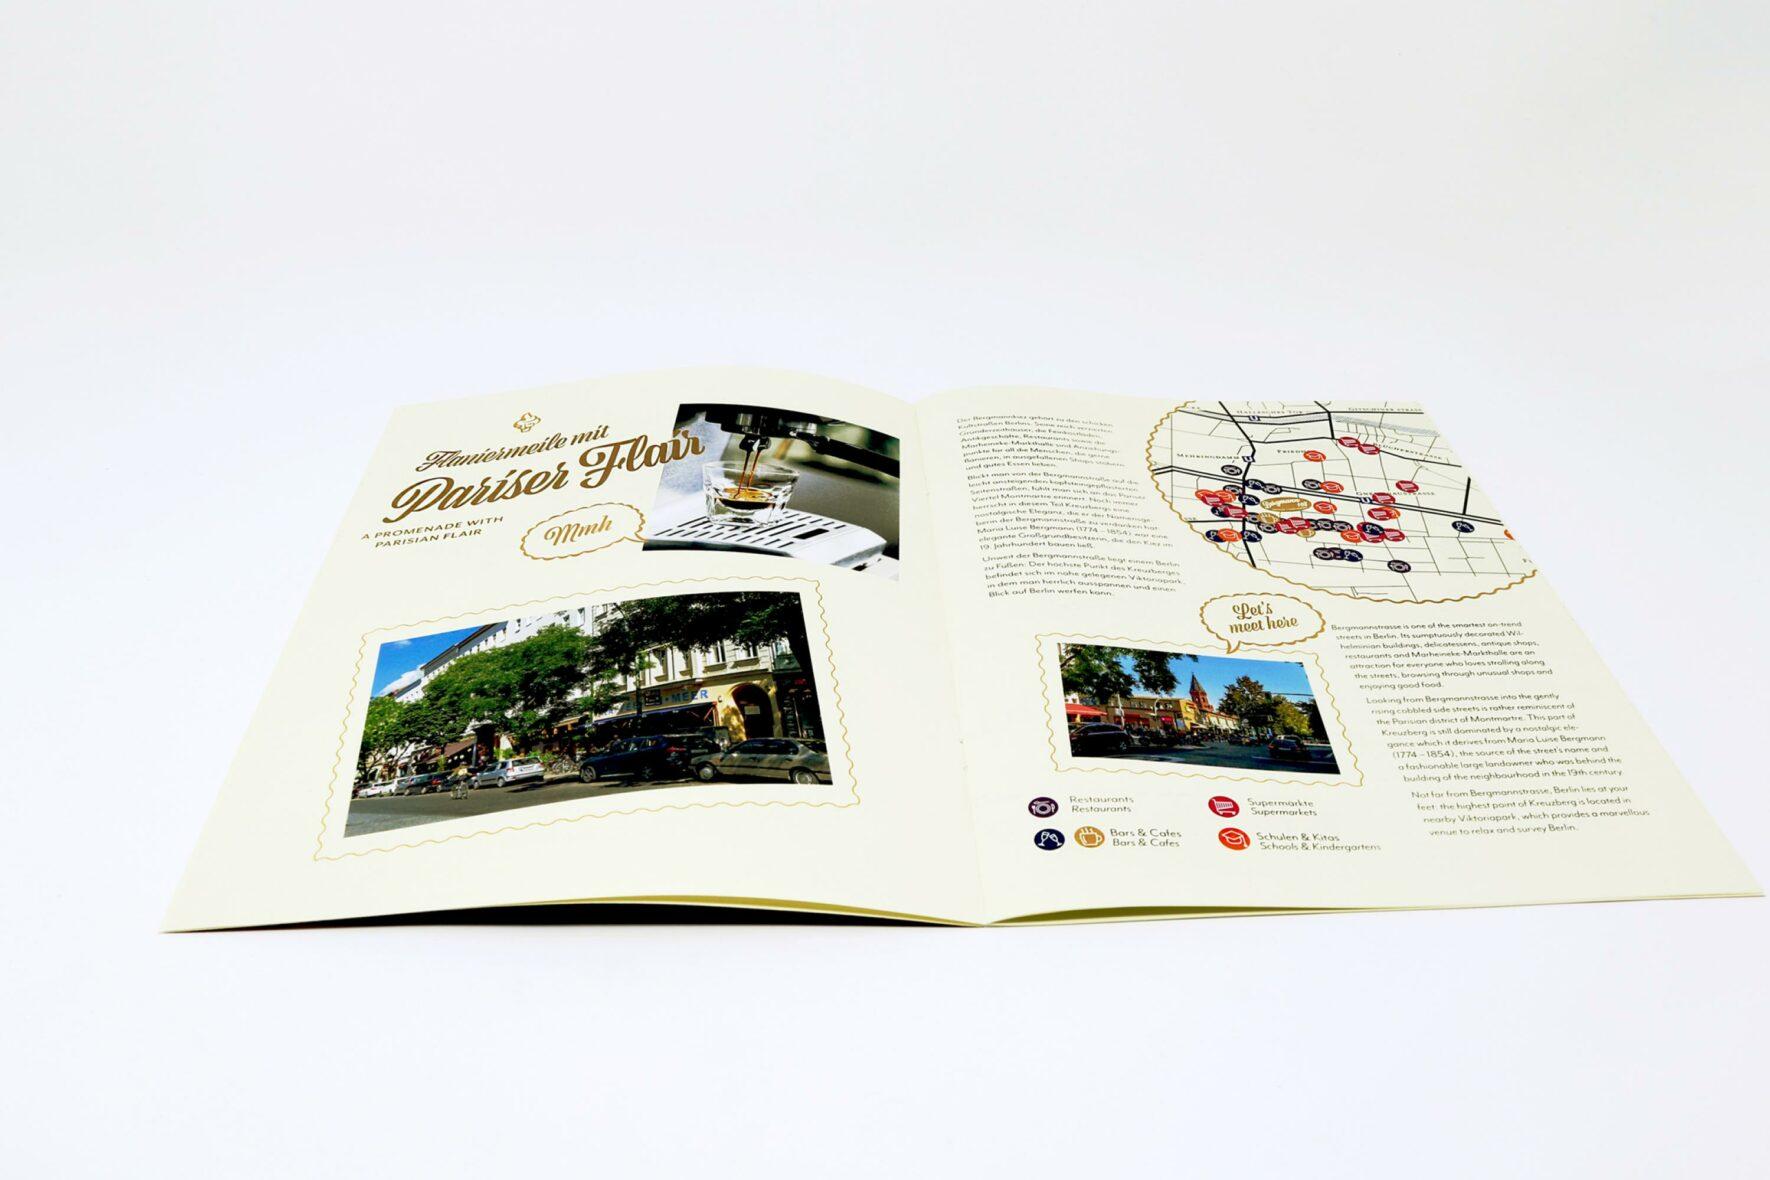 Corporate_Design-Trendcity_Immobilien-Broschüre-Bergmann-Layout-2